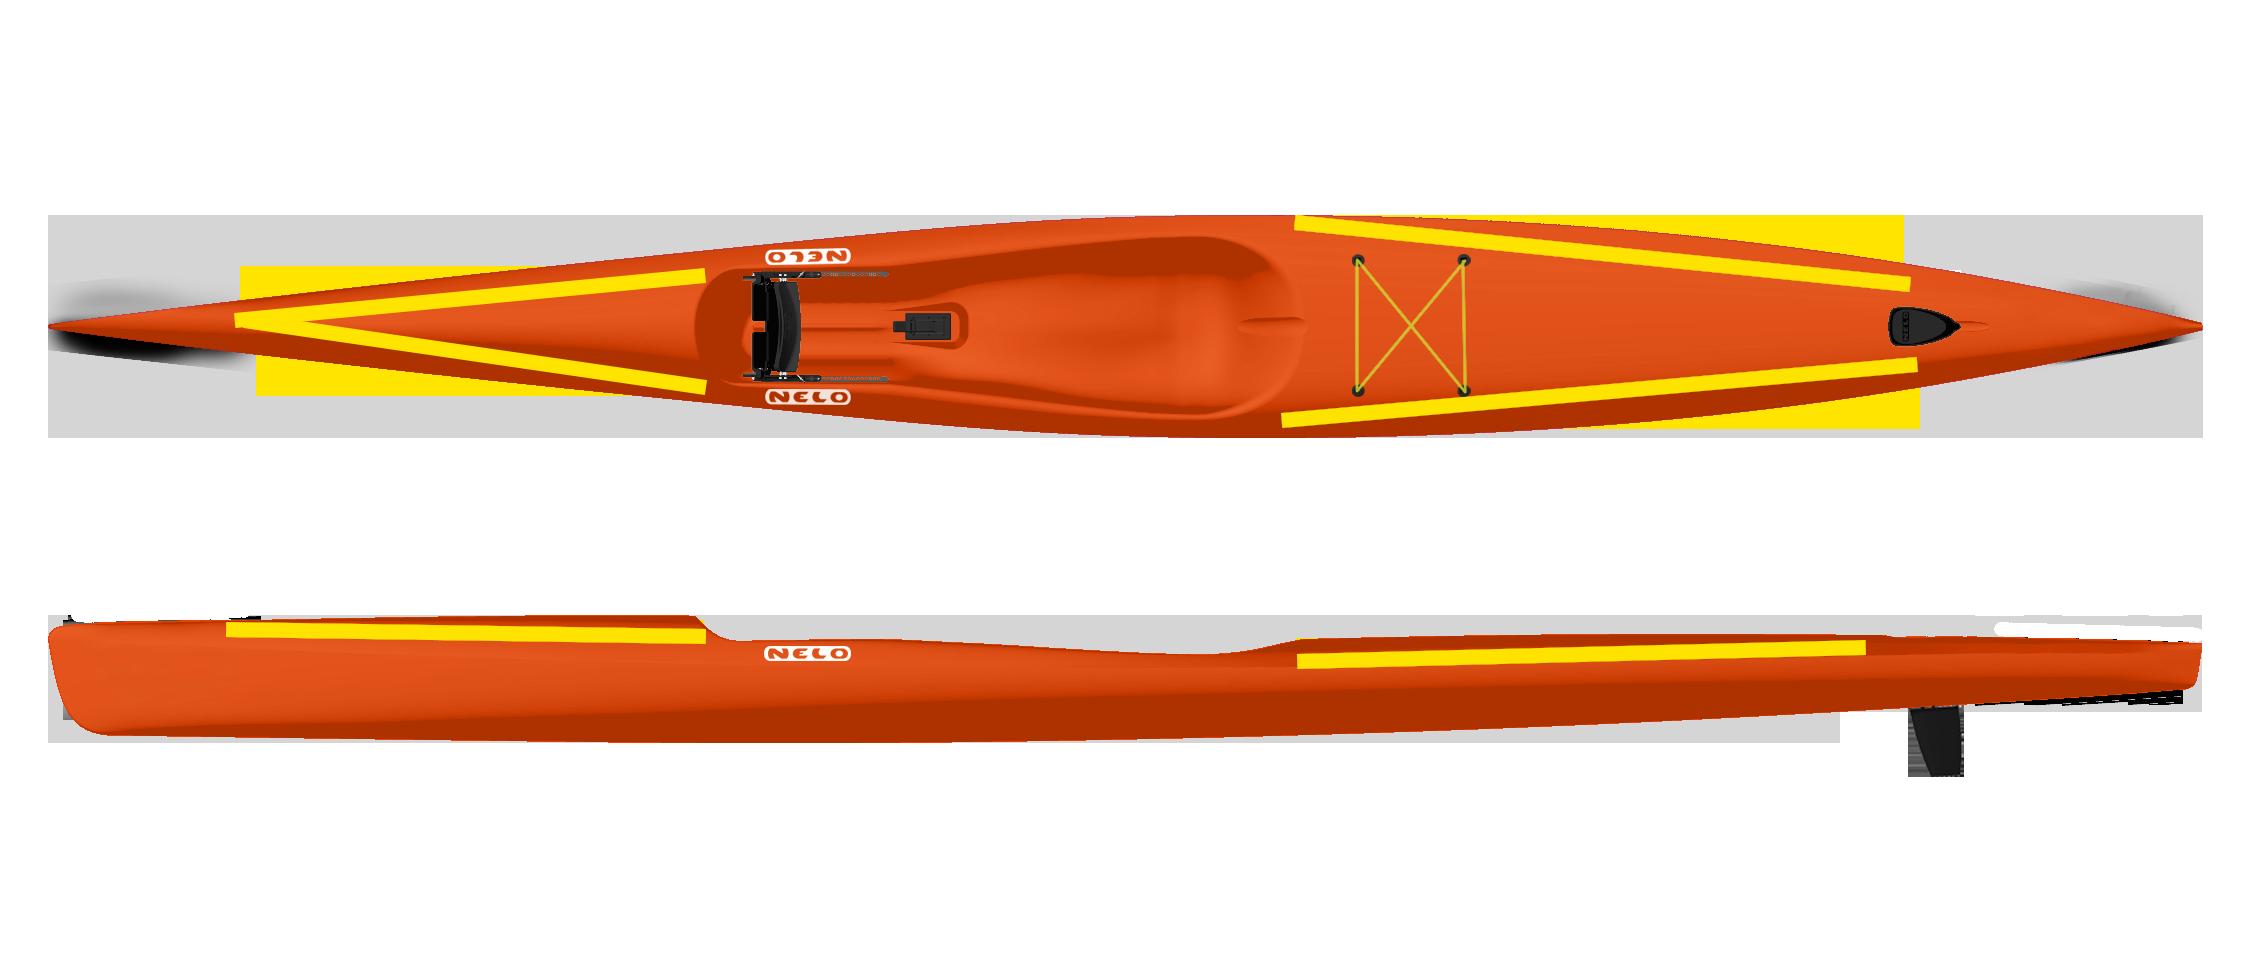 520 L nelo surfski